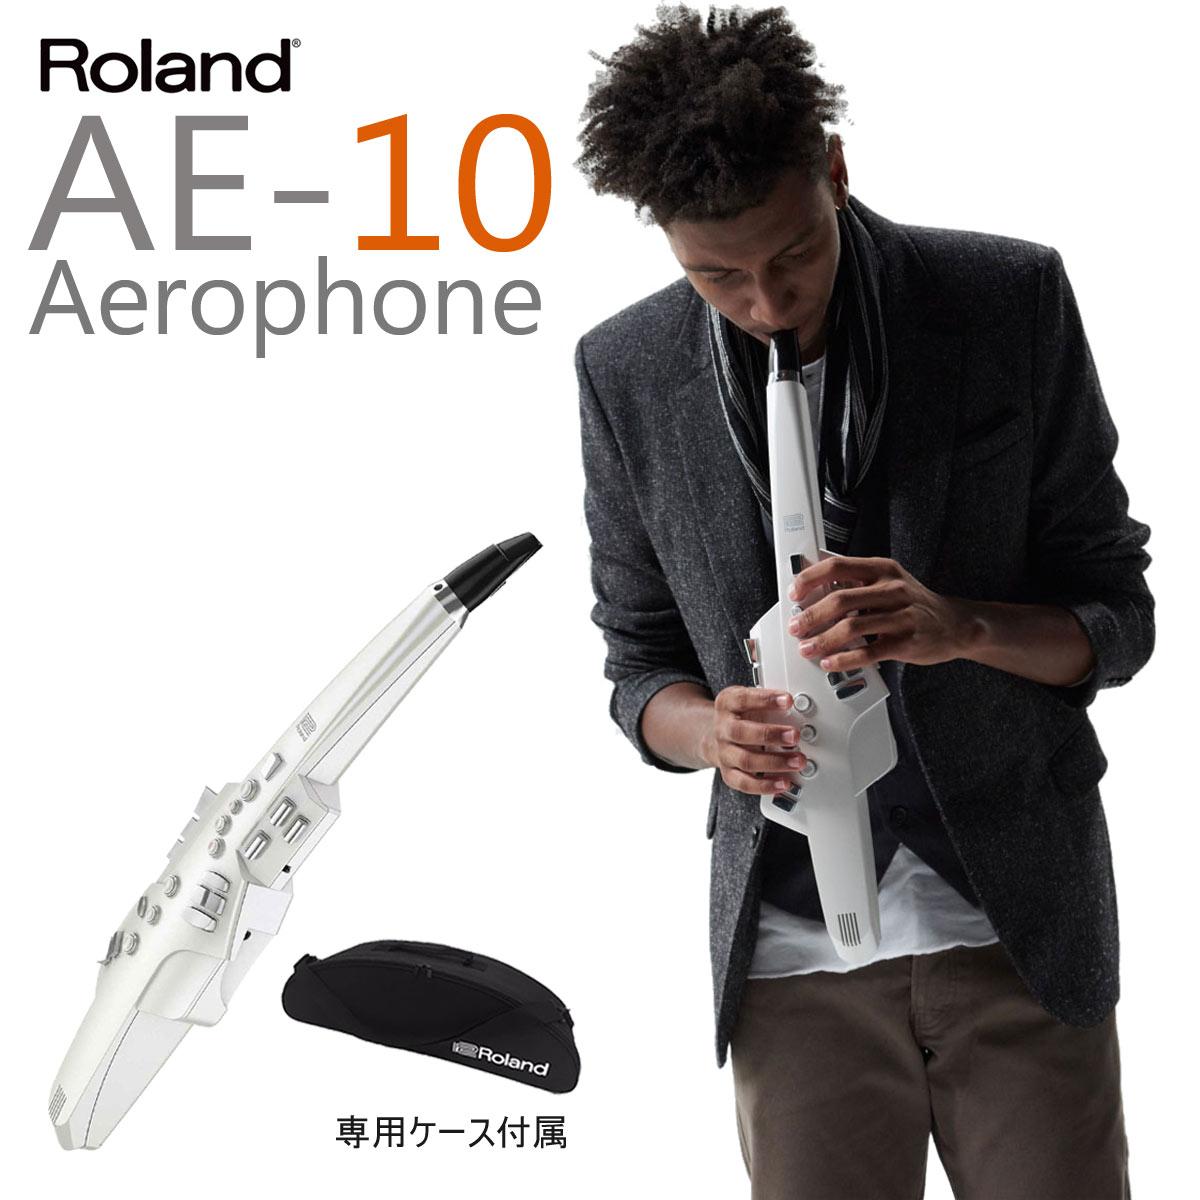 【在庫あり】Roland ローランド / Aerophone AE-10 エアロフォン【送料無料】【YRK】